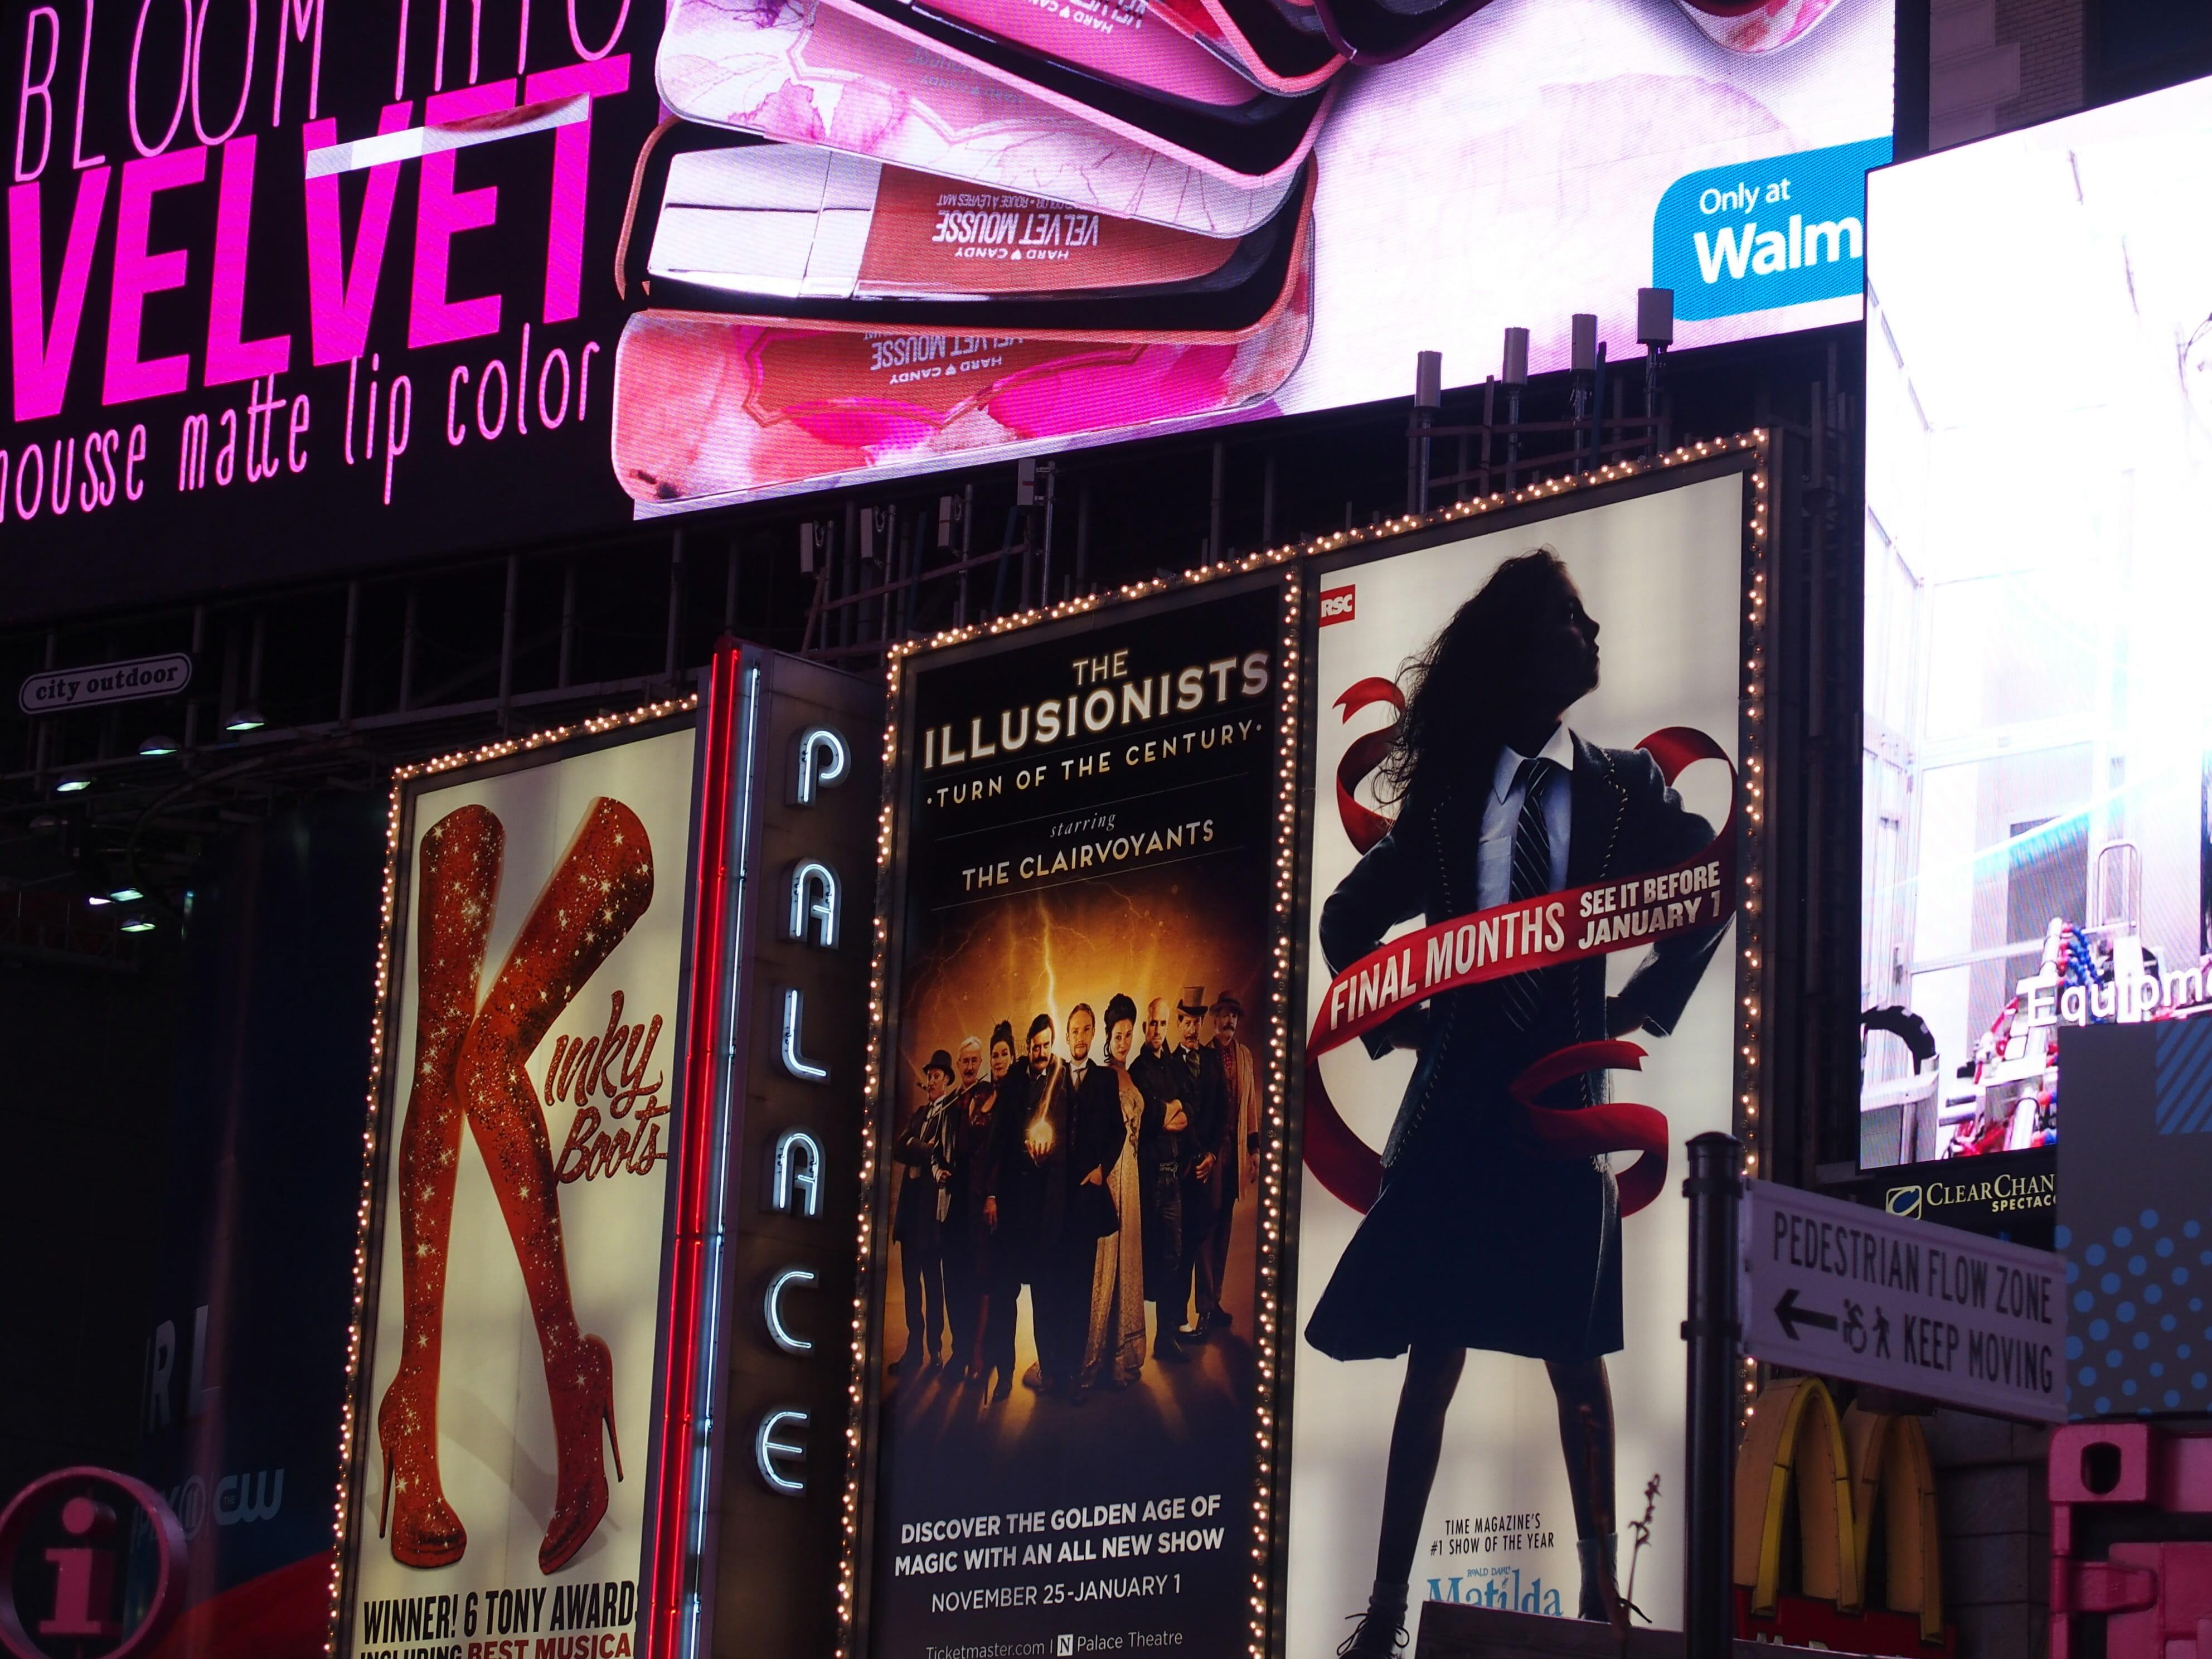 ニューヨークのブロードウェイミュージカルは言葉がわからなくても楽しめます